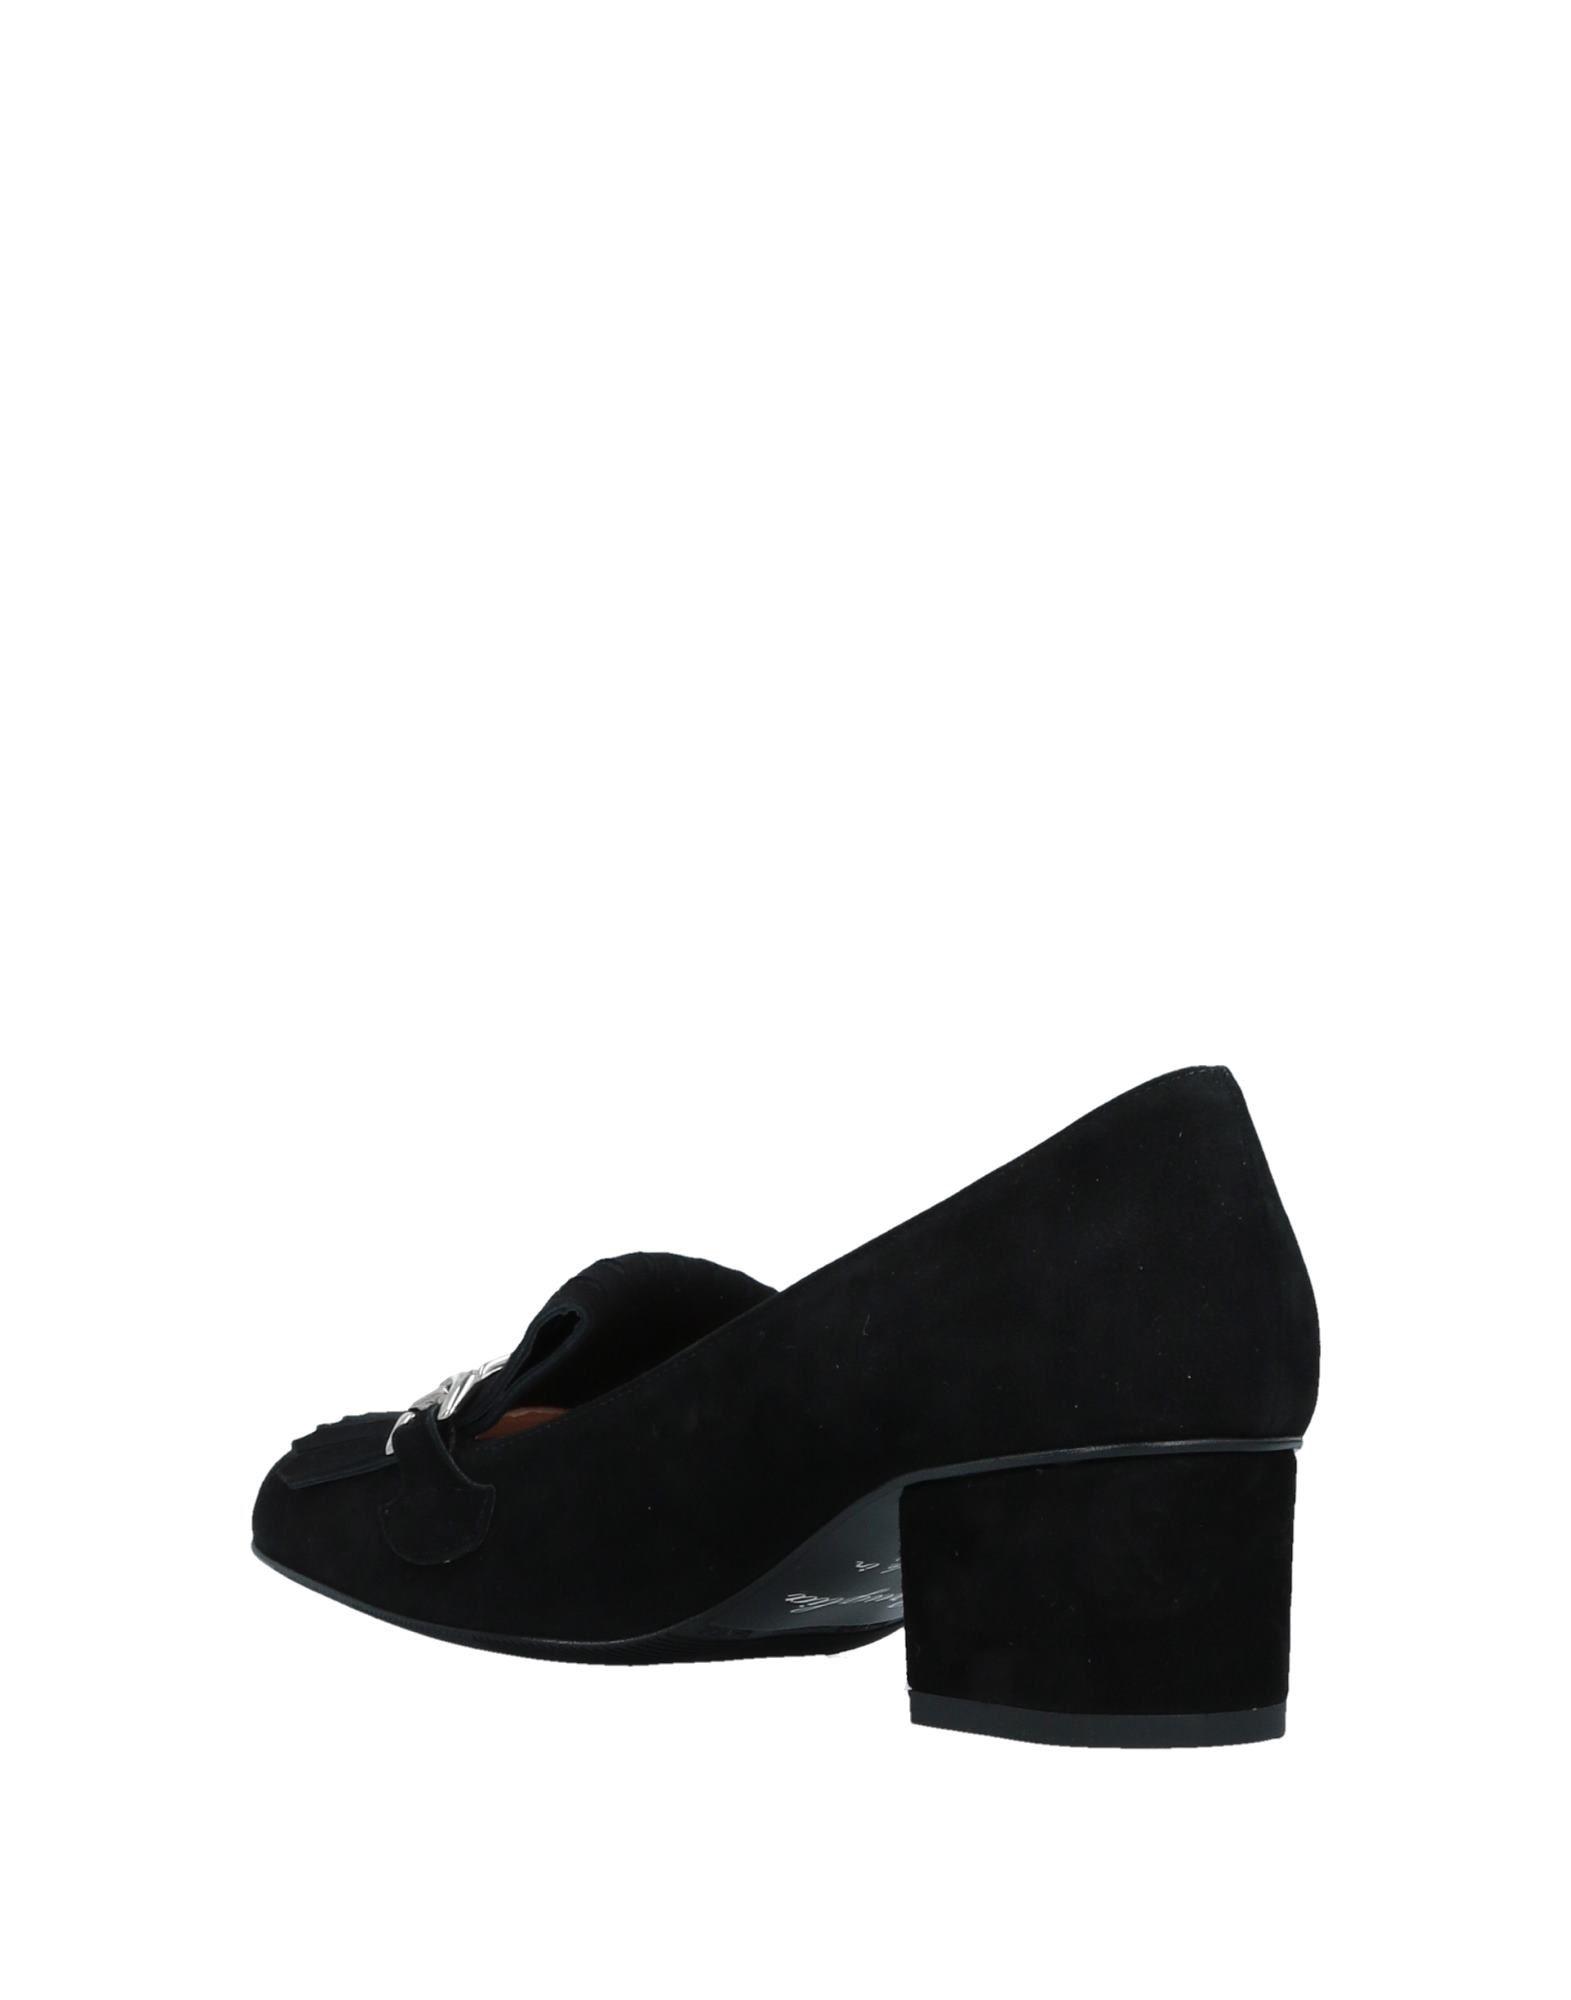 F.Lli 11520301NPGut Bruglia Mokassins Damen  11520301NPGut F.Lli aussehende strapazierfähige Schuhe 62f17c